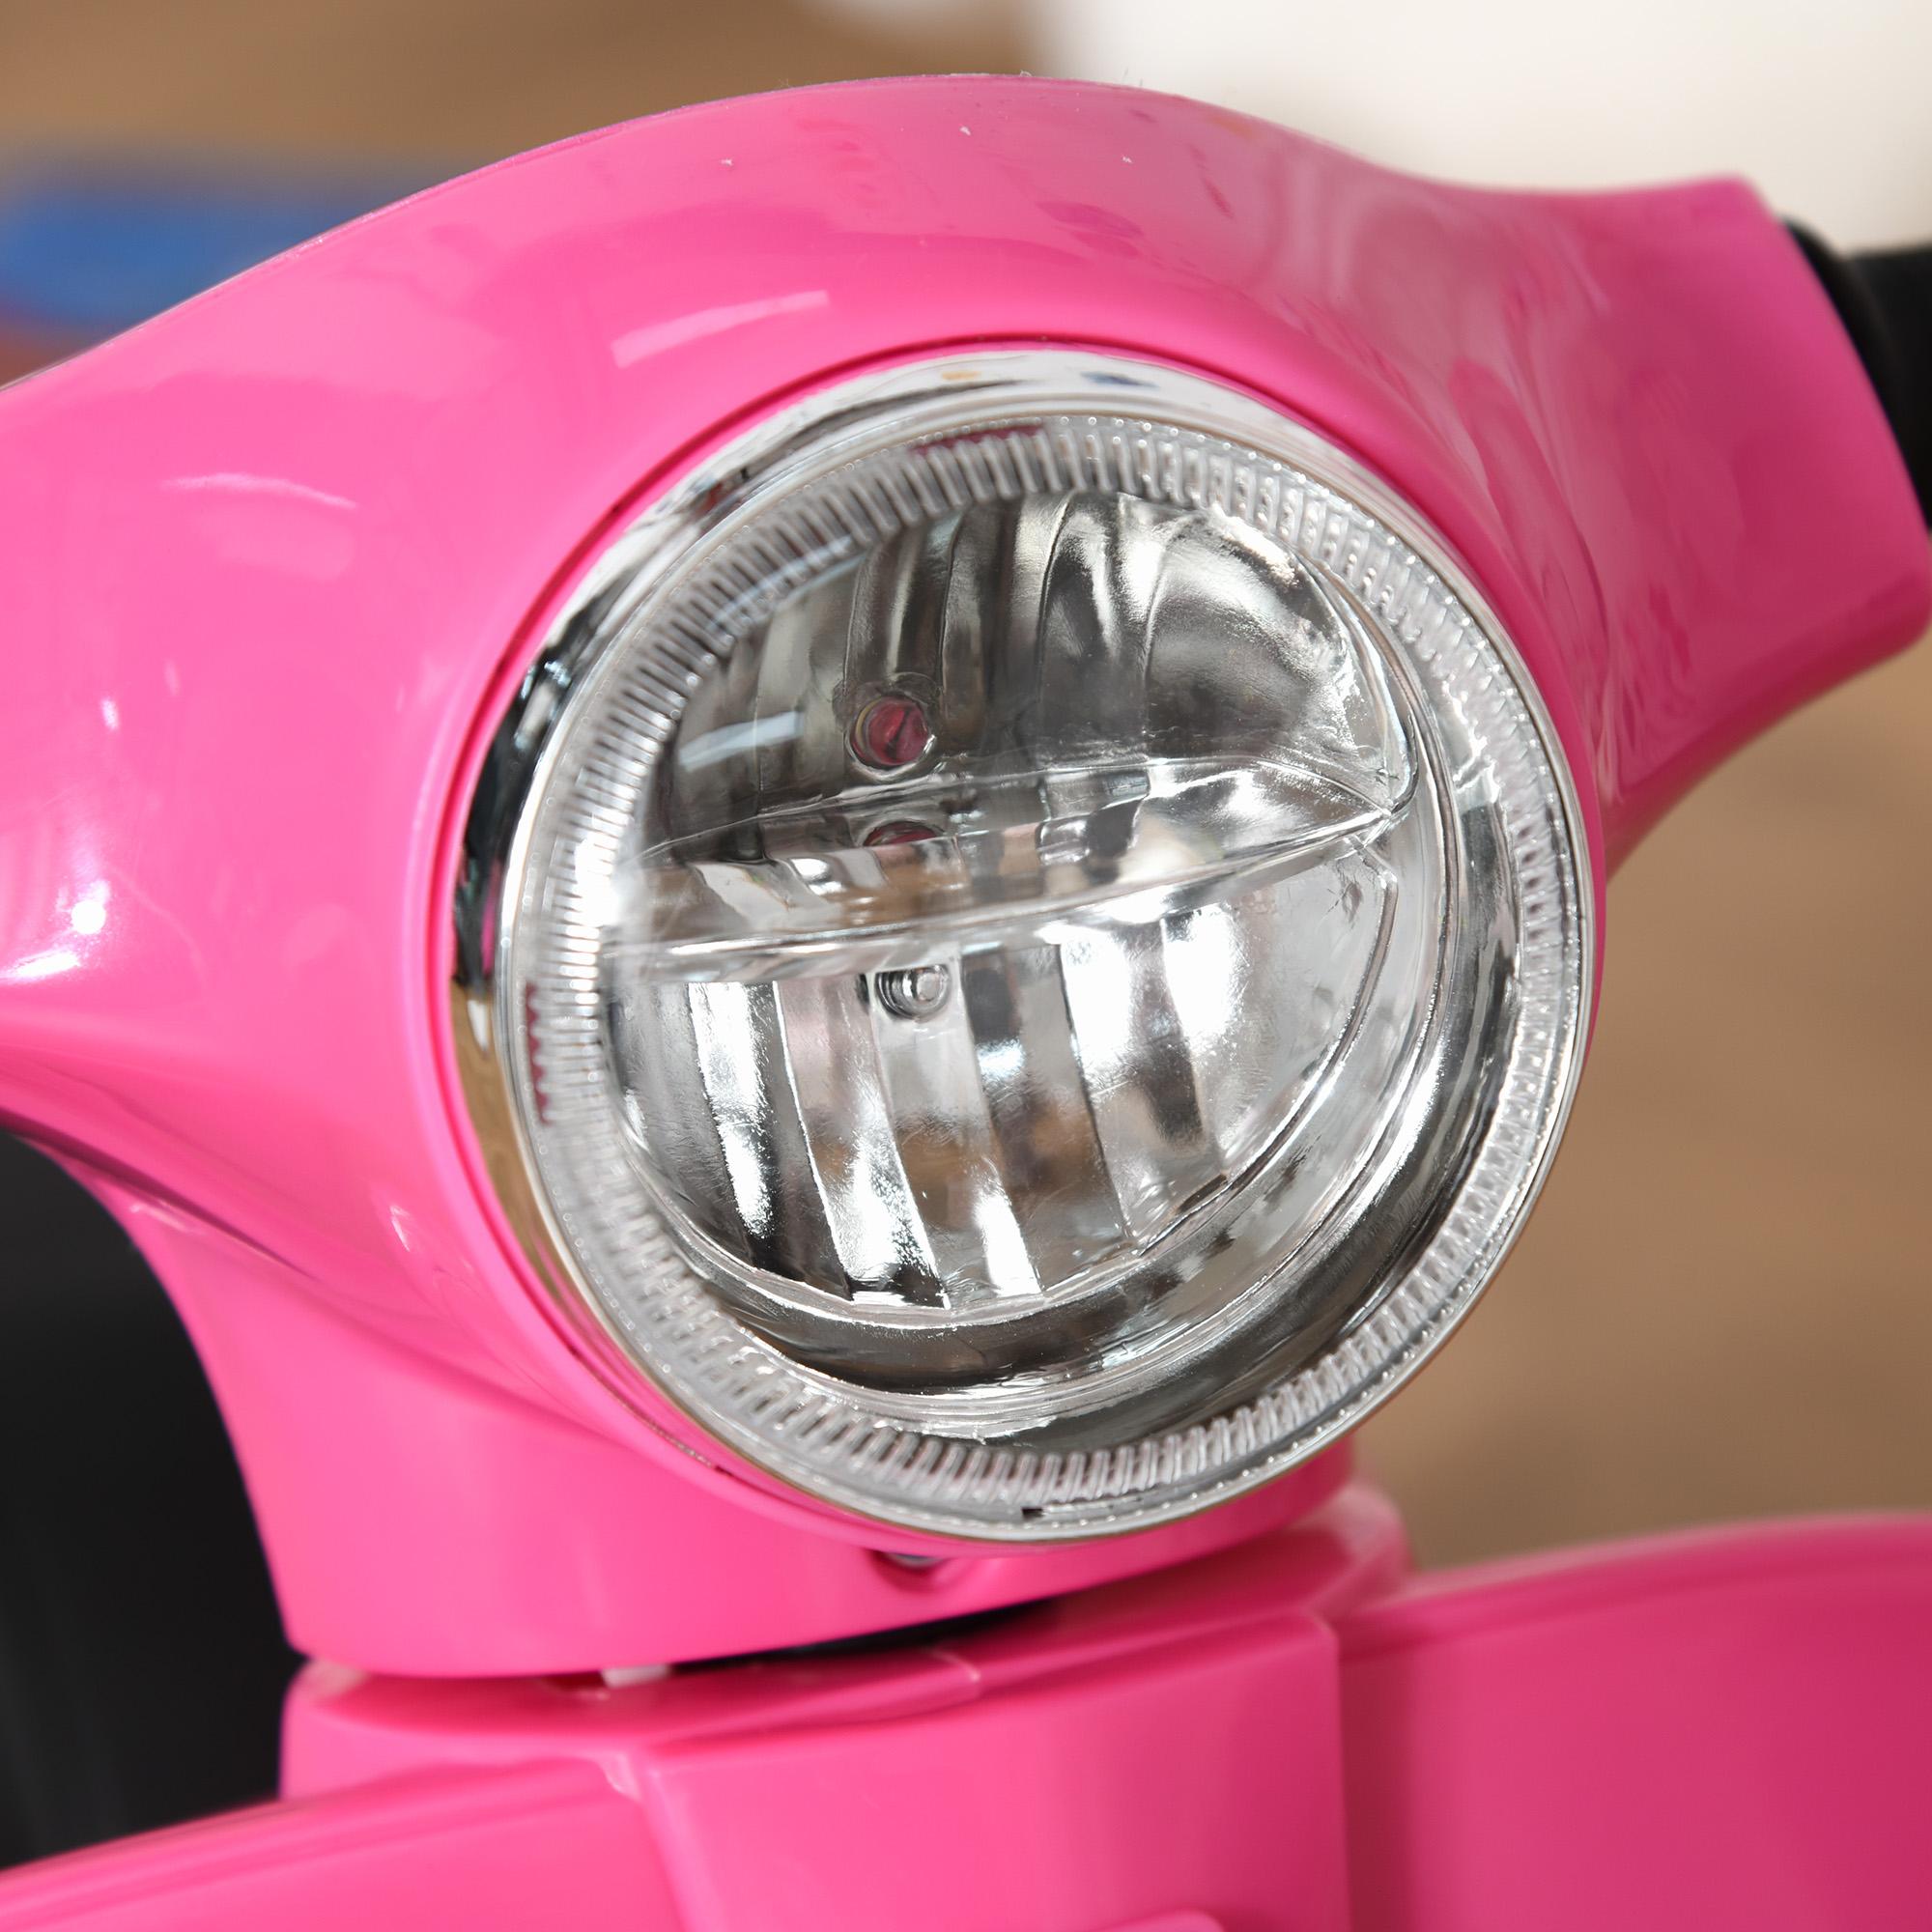 miniatura 15 - Moto Eléctrica Vespa para Niños +18 Meses con Faro Bocina y 4 Ruedas COLOR